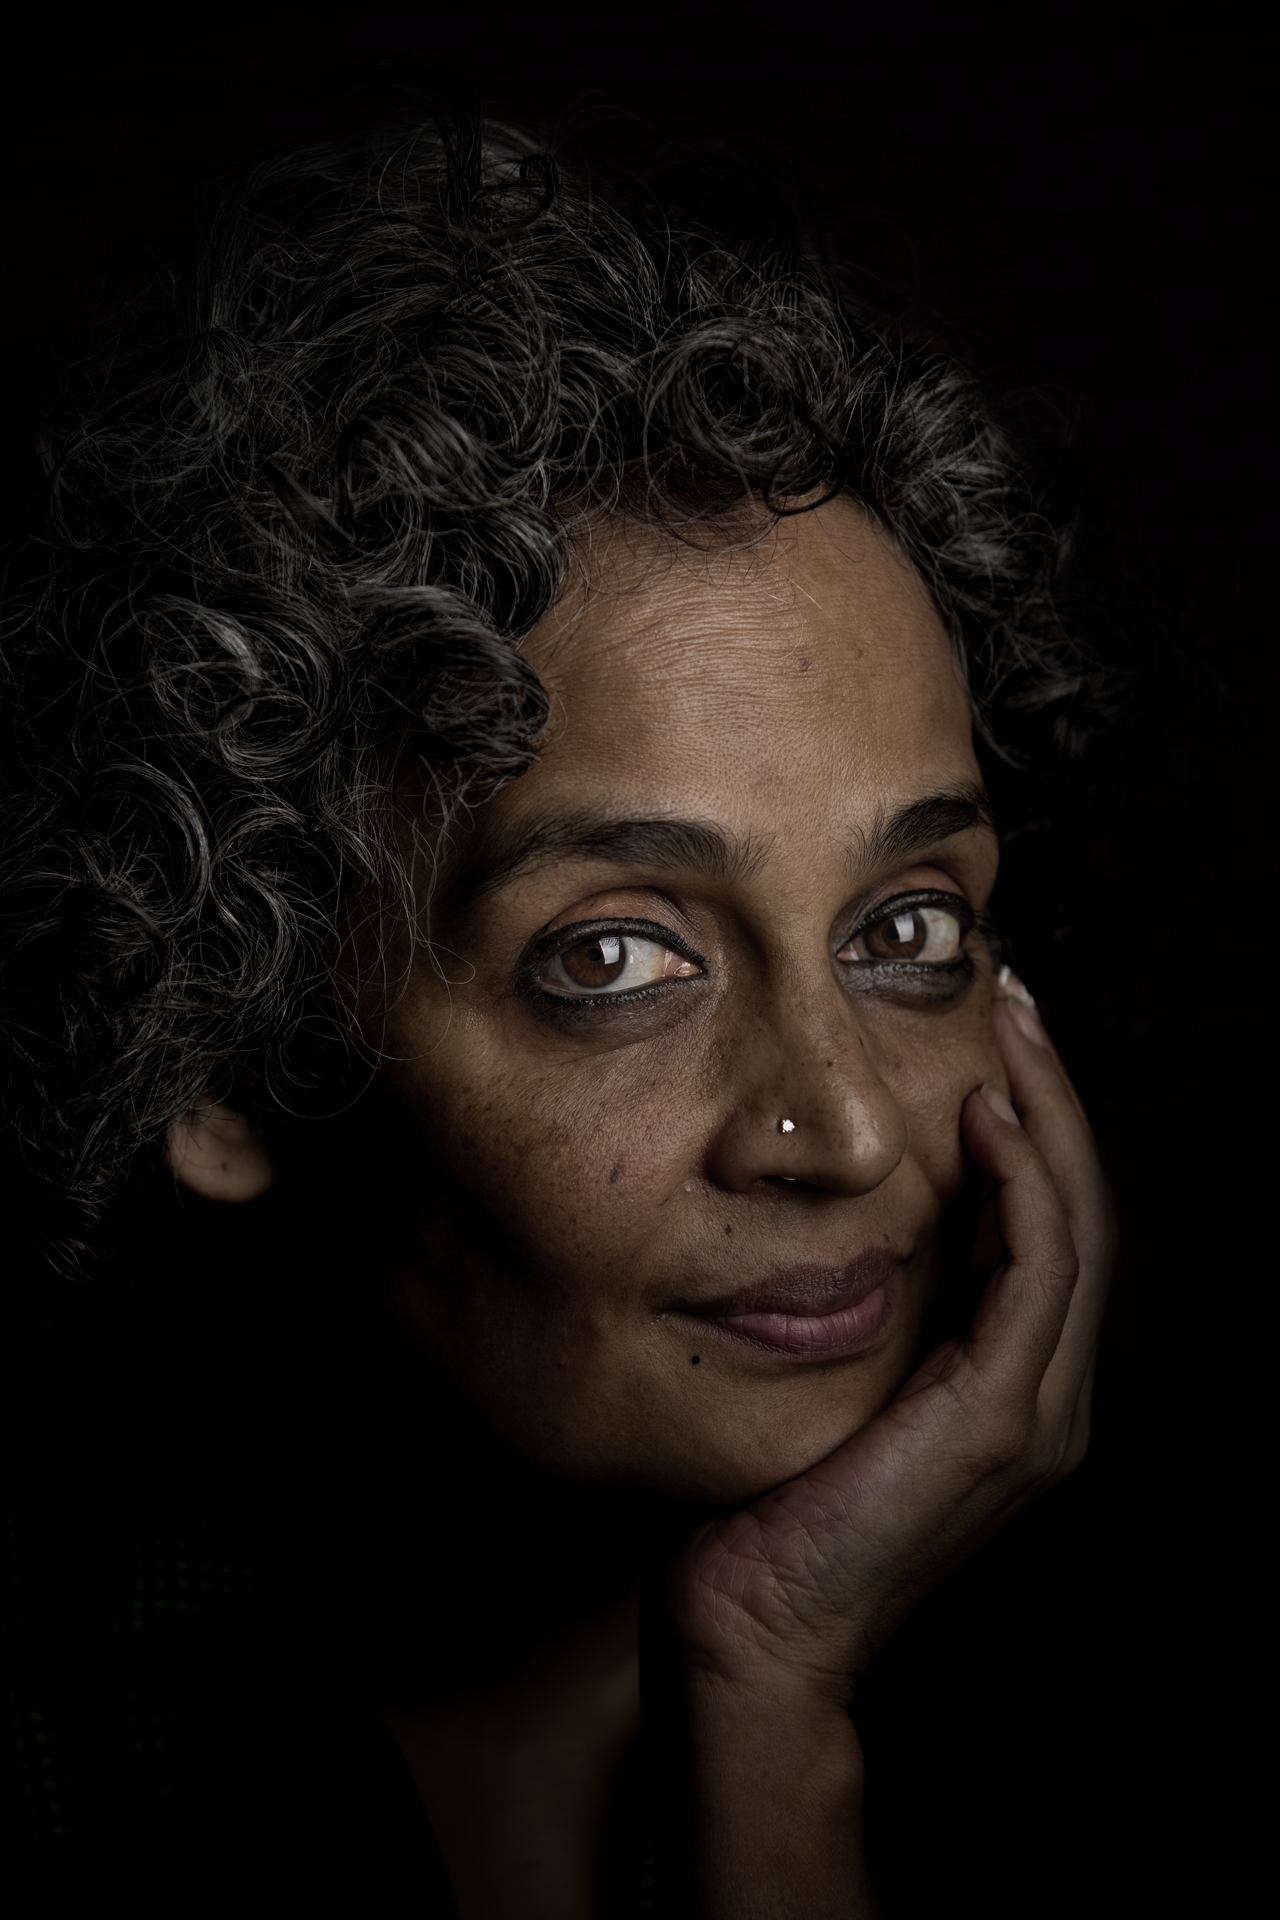 Author, Arundhati Roy, New Delhi / India